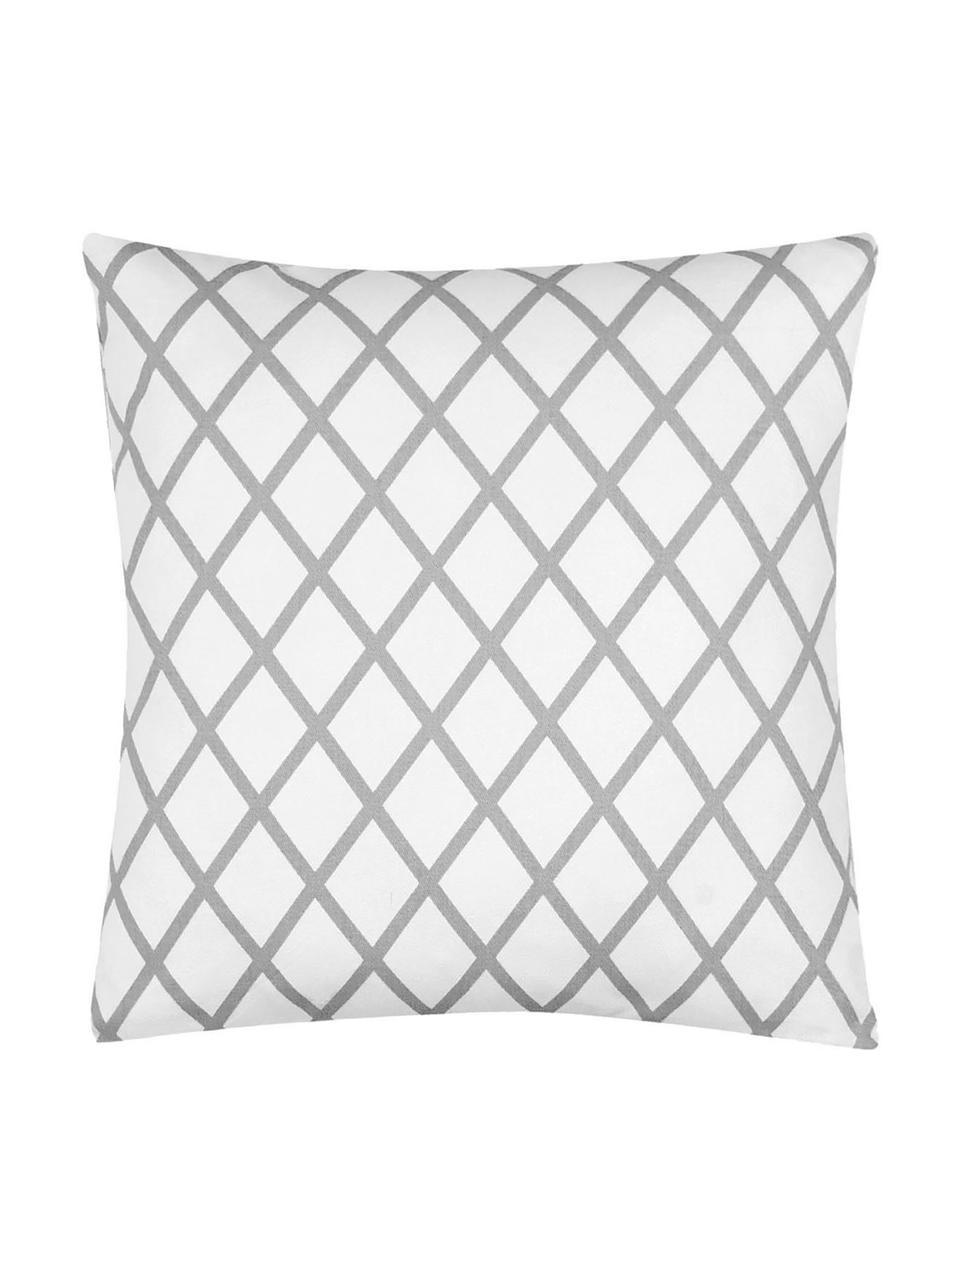 Poszewka na poduszkę Romy, 100% bawełna, splot panama, Szary, kremowy, S 40 x D 40 cm